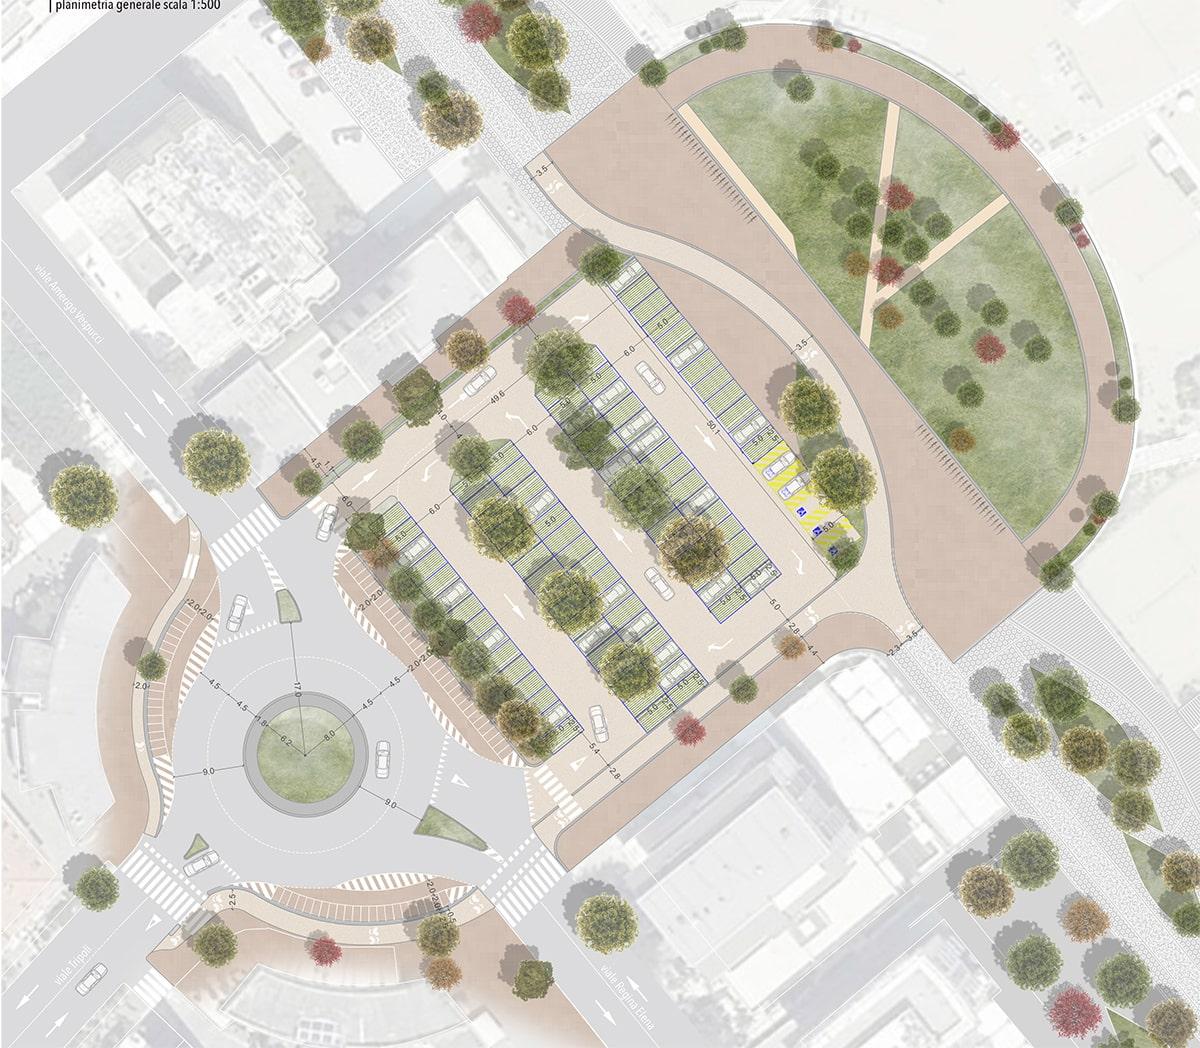 Piazzale Marvelli: solo 88 posti auto a servizio del lungomare pedonalizzato